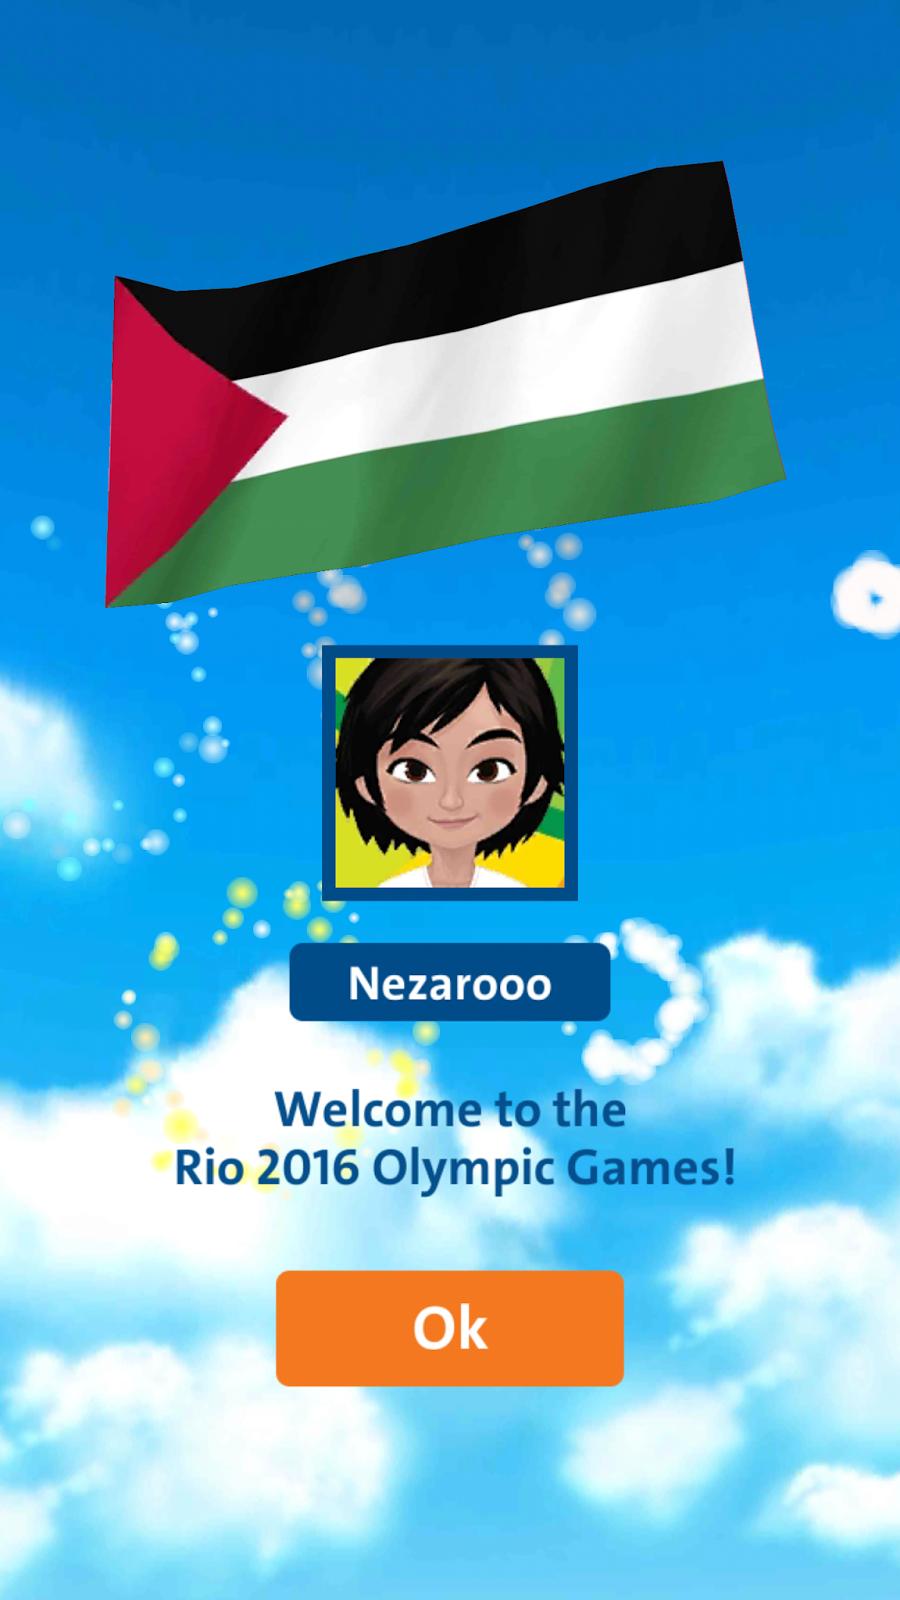 لعبة الأولمبياد Rio 2016 شارك في الالعاب الالومبية وانت جالس في بيتك | بحرية درويد